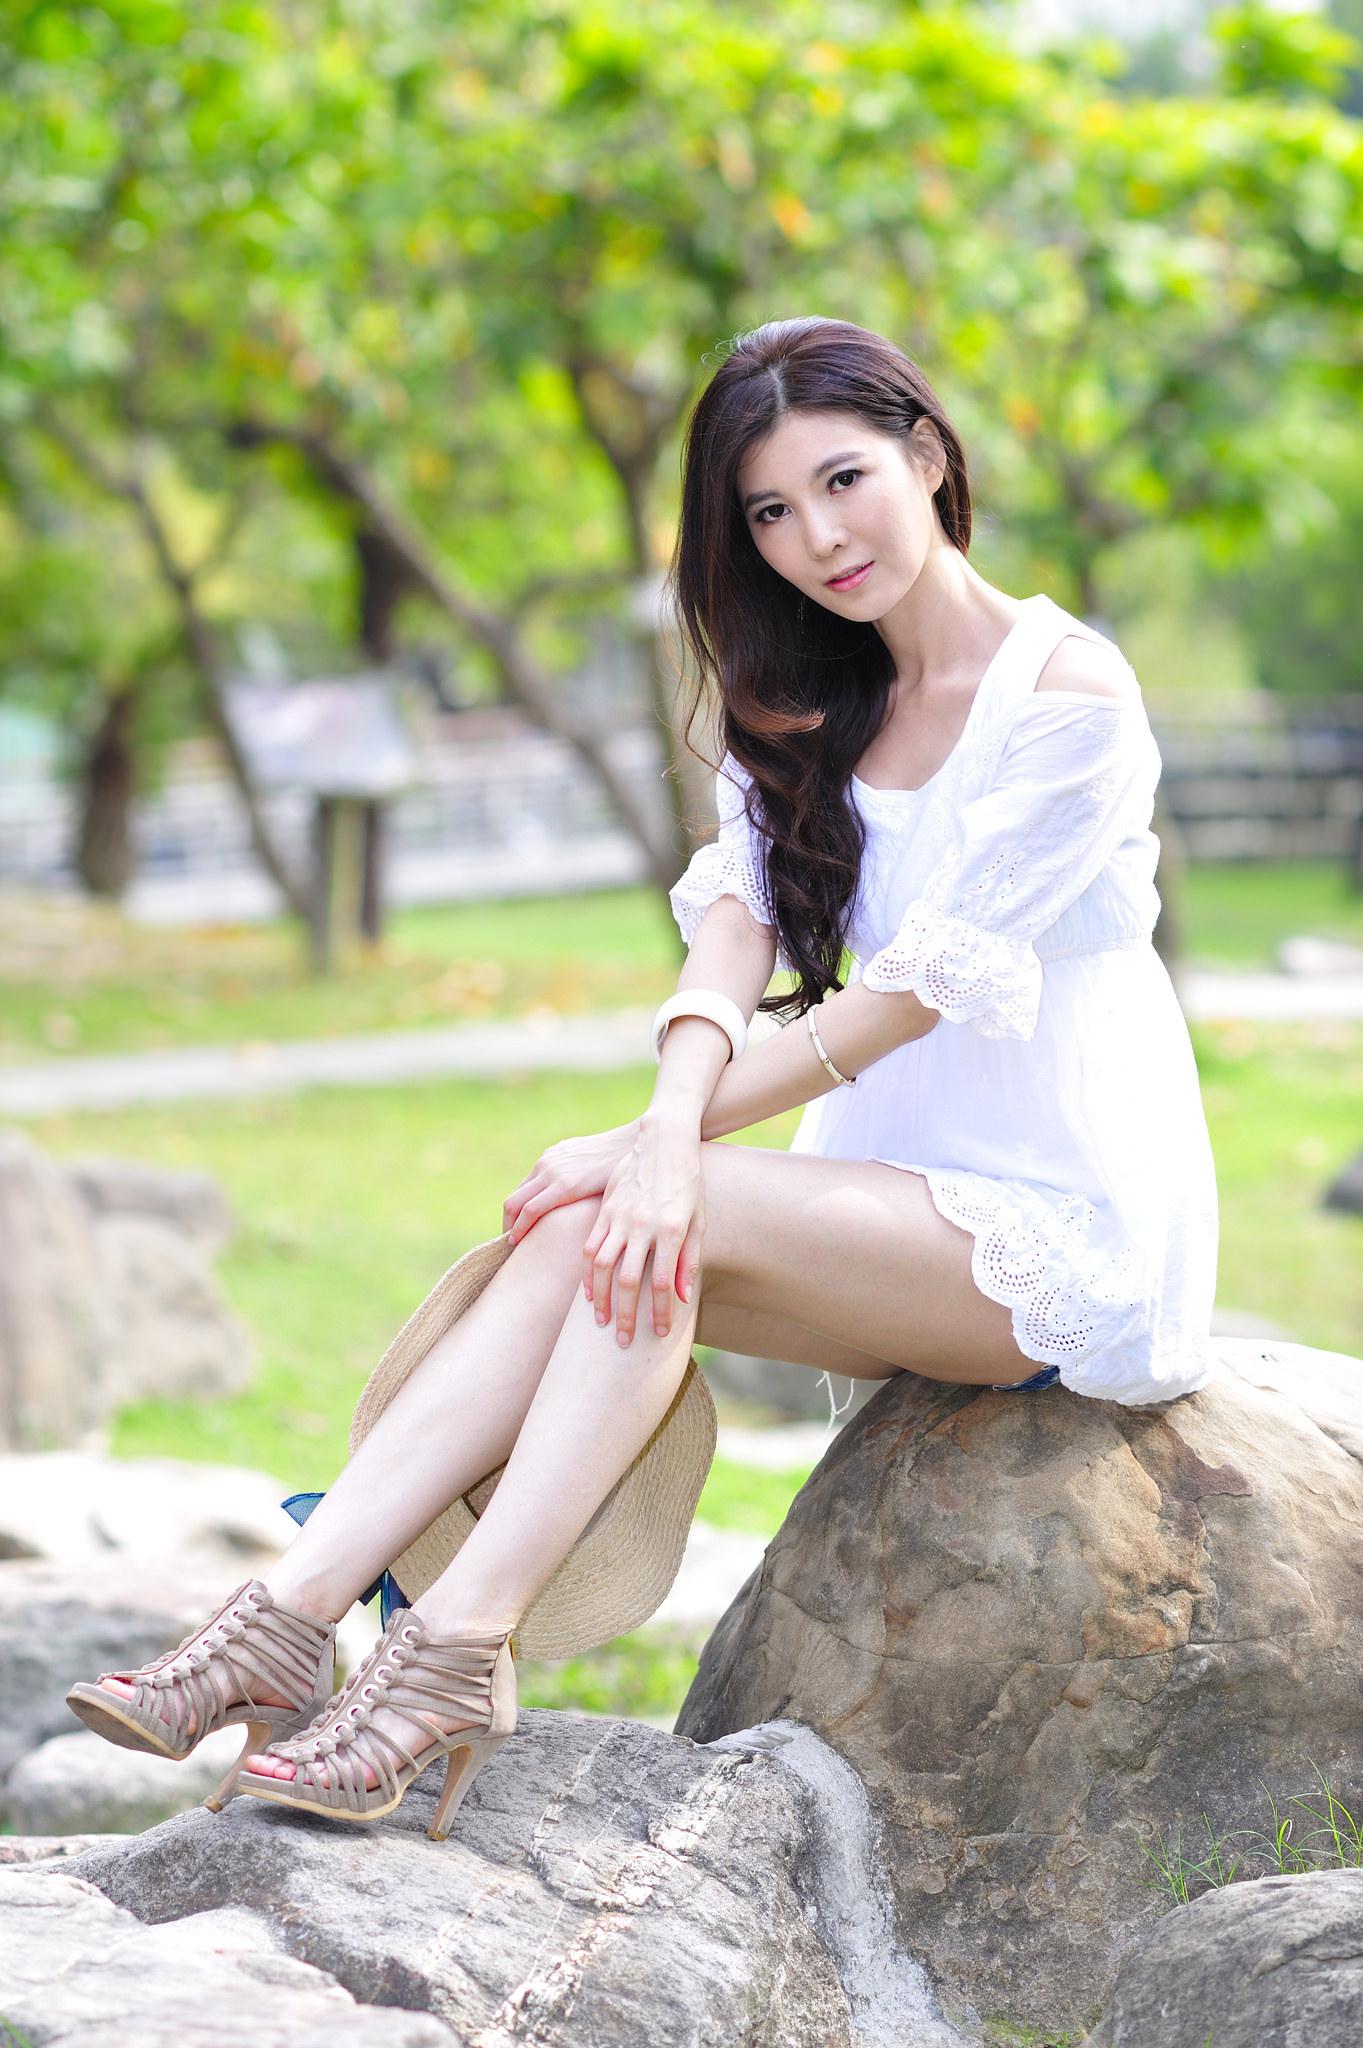 扬州恋子恋母聊天贴吧图:中年女性贴吧 熟味(点击浏览下一张趣图)